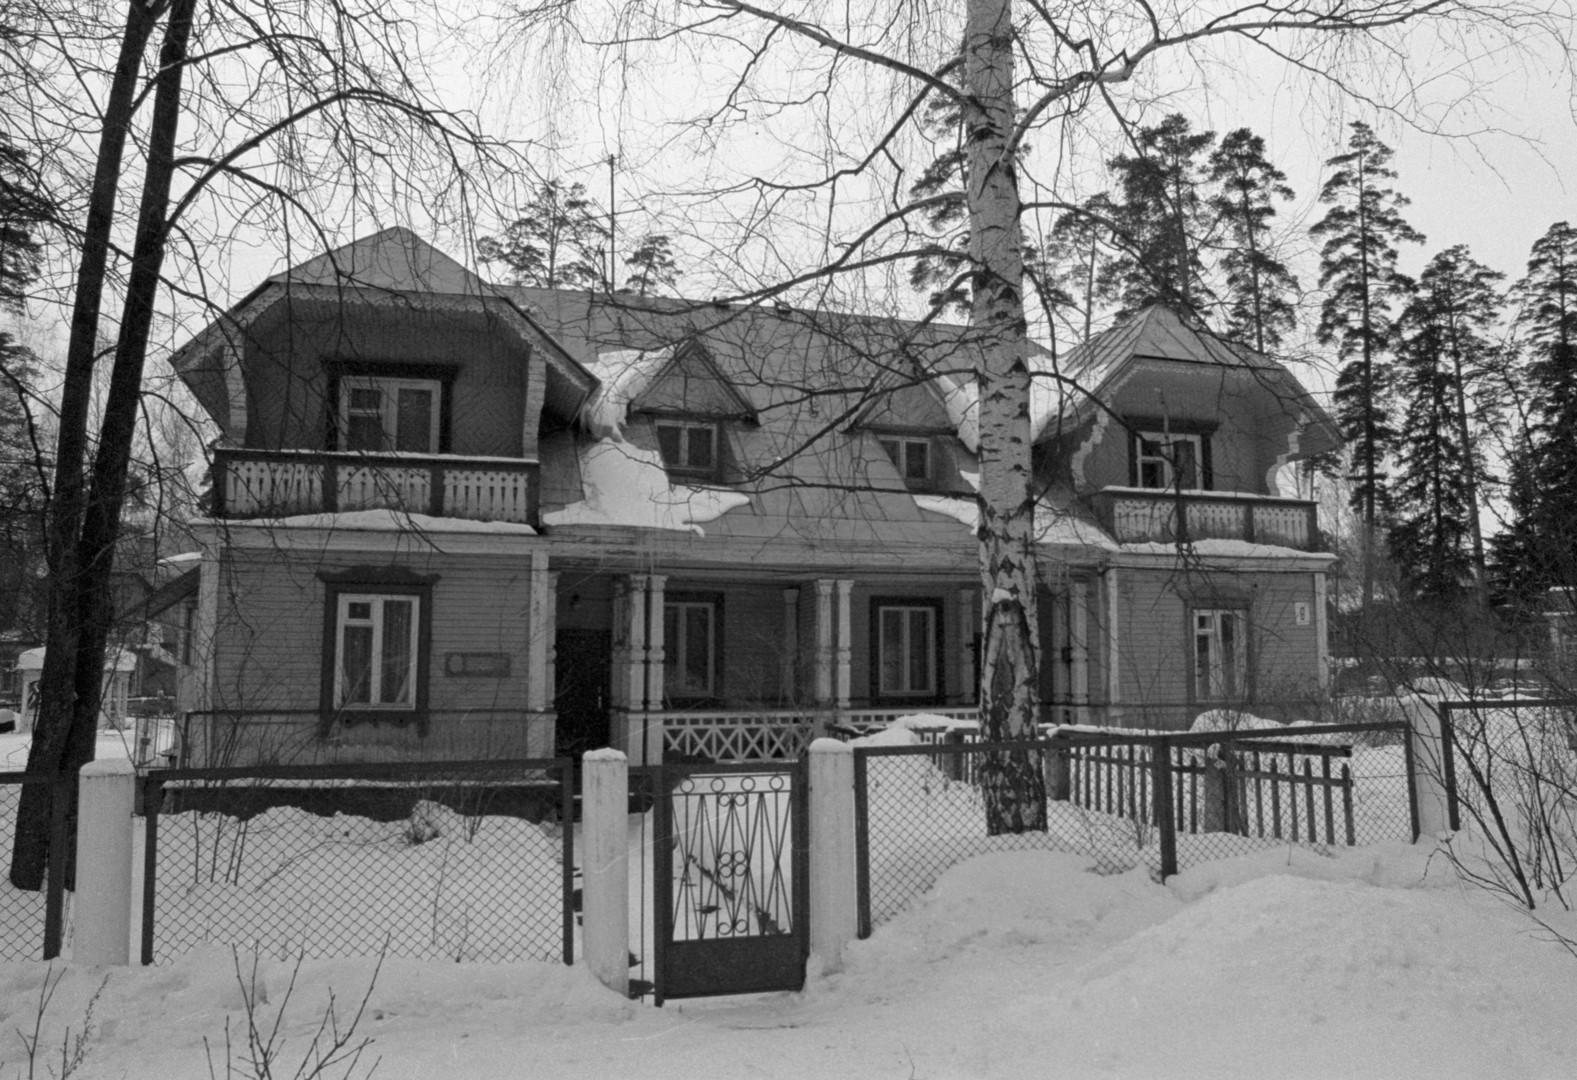 Hiša, kjer je živel akademik Saharov v času razvoja sovjetske vodikove bombe, 17. 12. 1992.